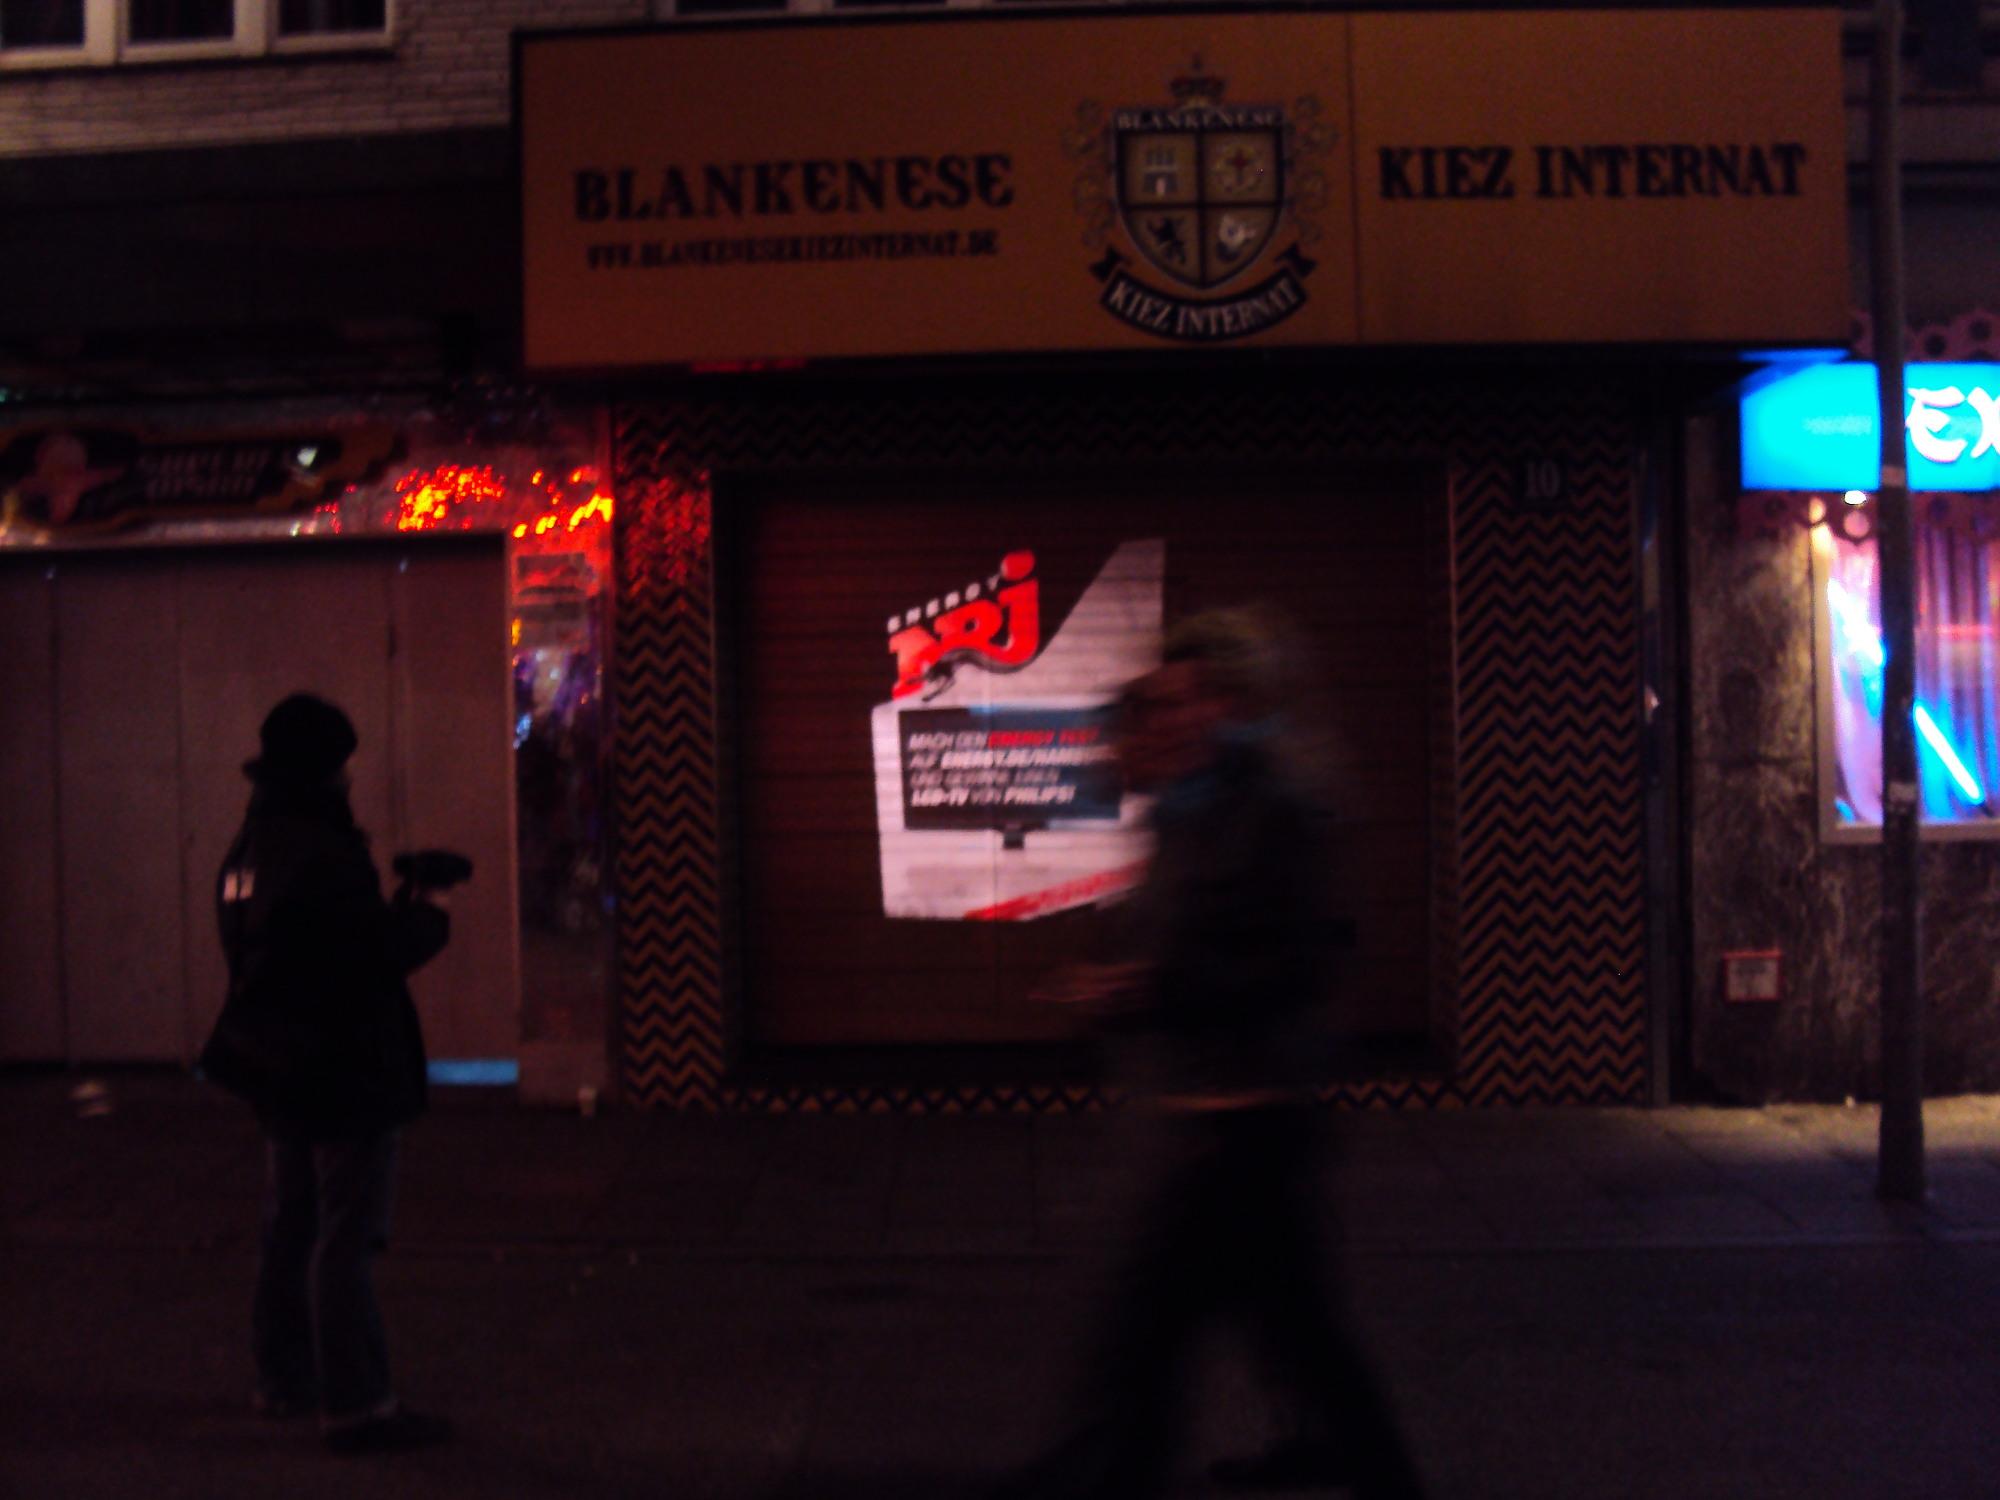 Mobile Projektion-Werbung mit Lichtprojektion durch Handbeamer